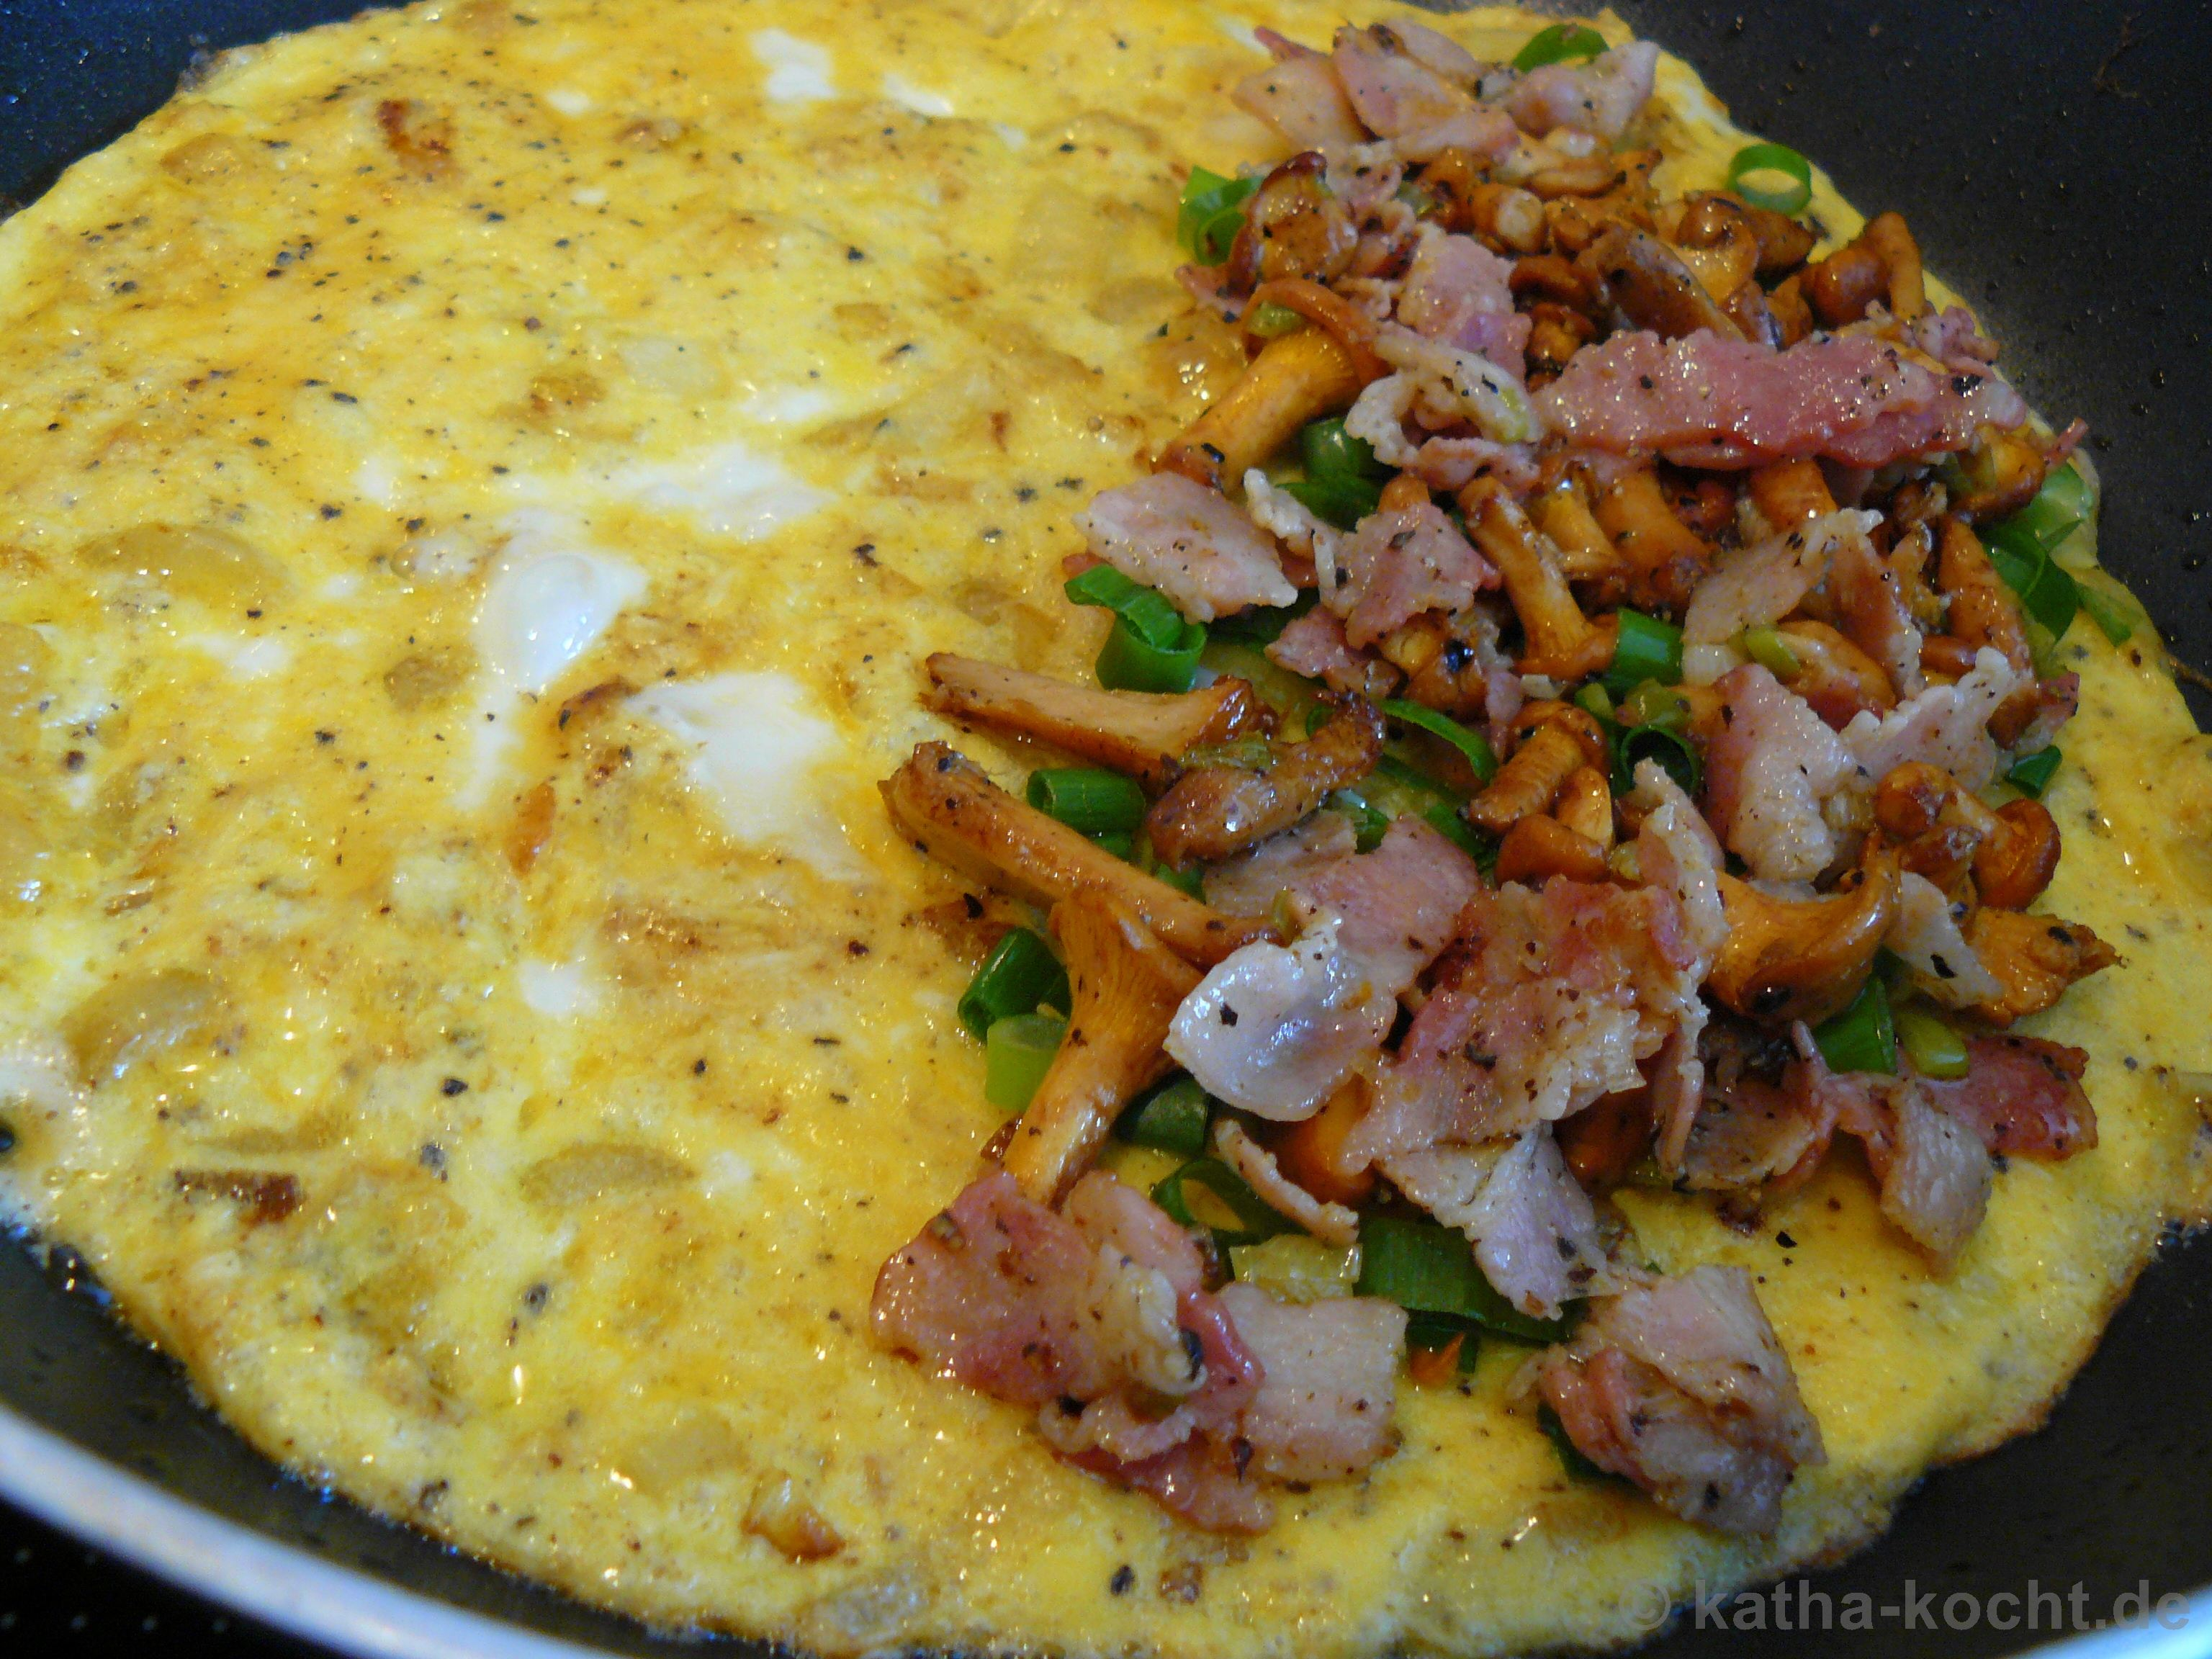 omelette mit fleisch und geriebenen parmesan rezepte suchen. Black Bedroom Furniture Sets. Home Design Ideas